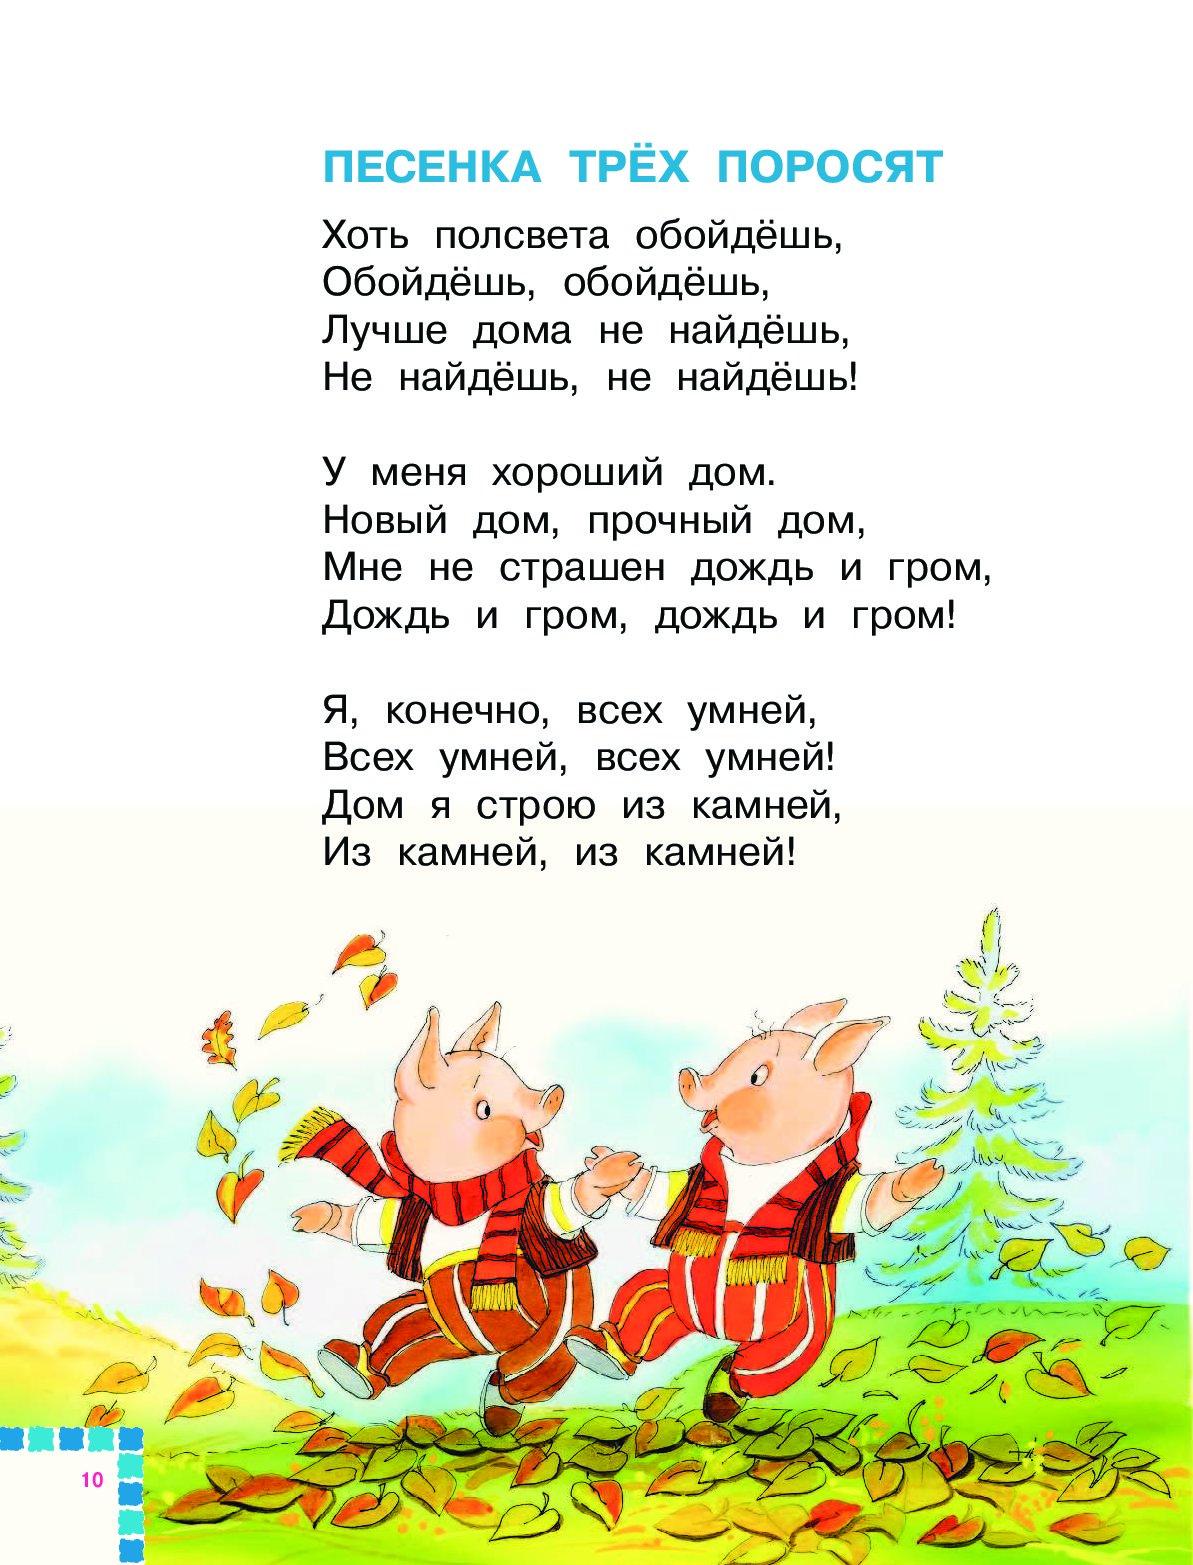 Тексты песен про детский сад